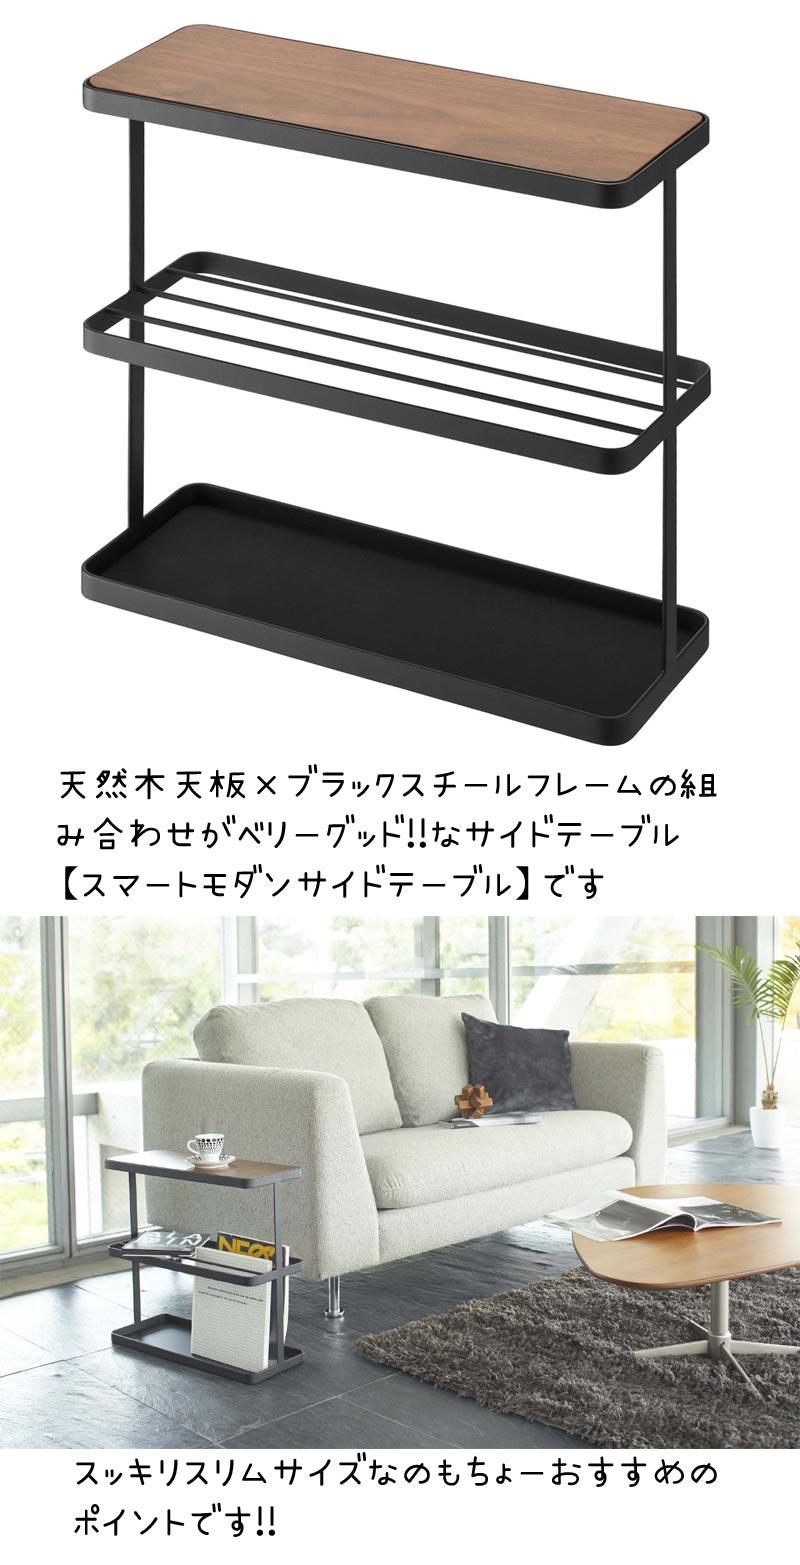 小さい安い軽い強いニトリより良い机